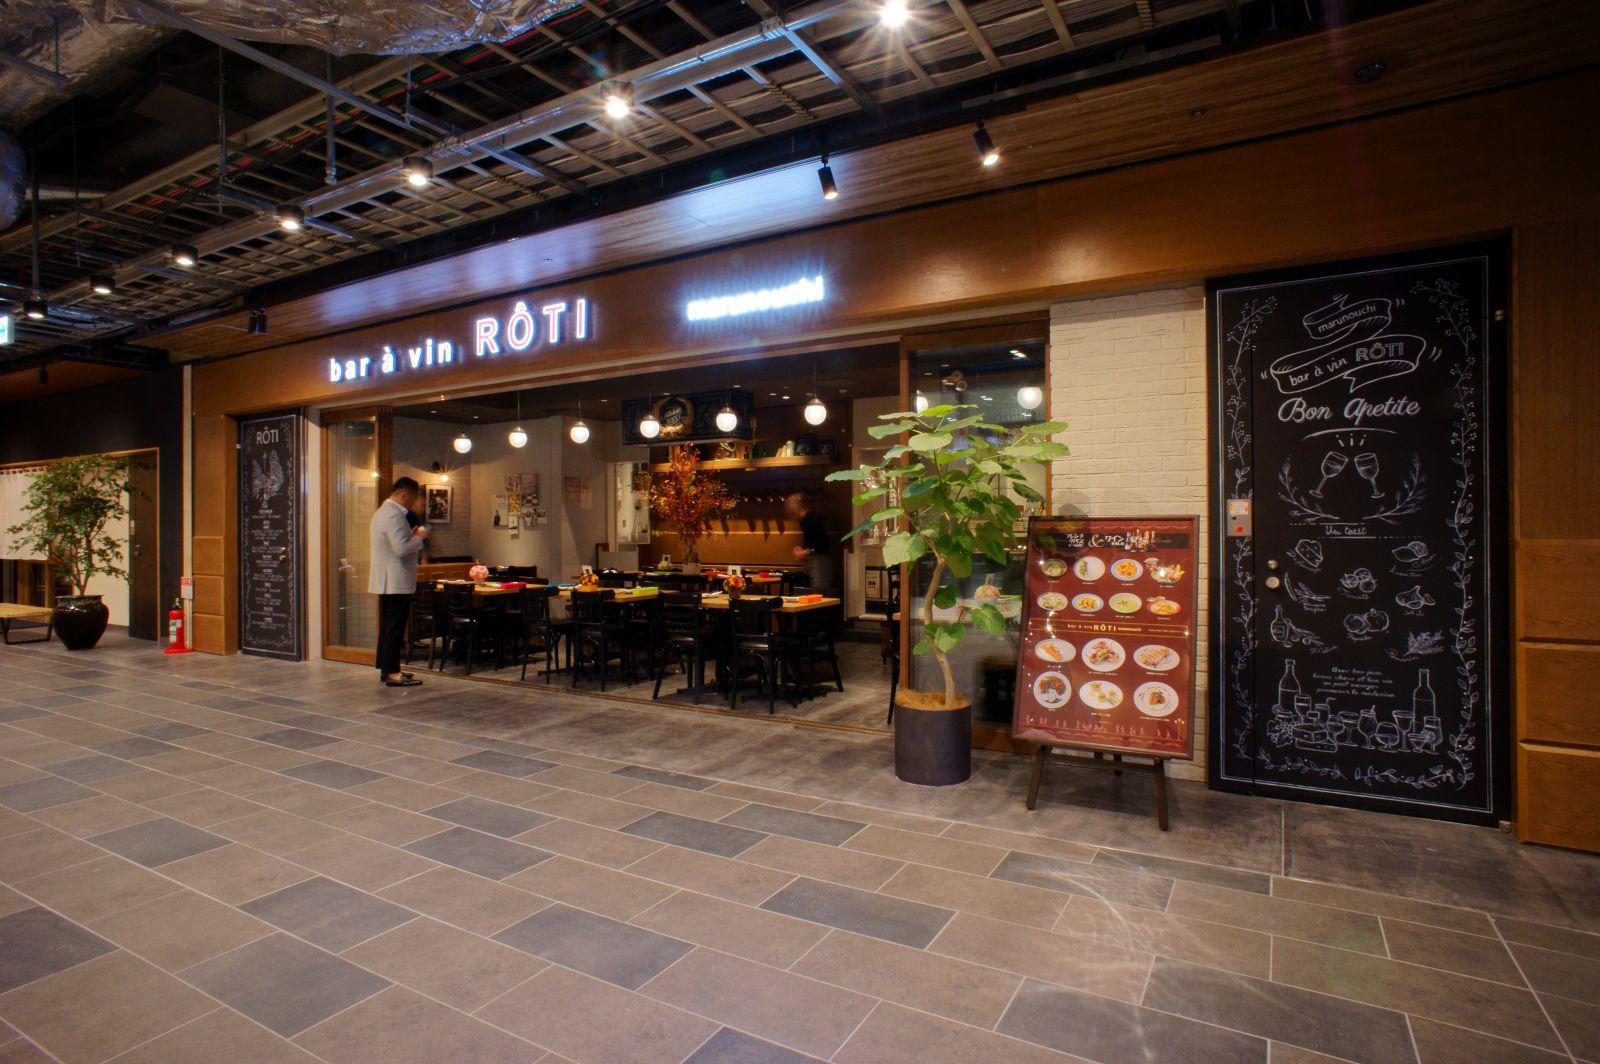 bar a vin ROTI バールアヴァンロティ|丸の内 日比谷 有楽町 フレンチ ビストロ